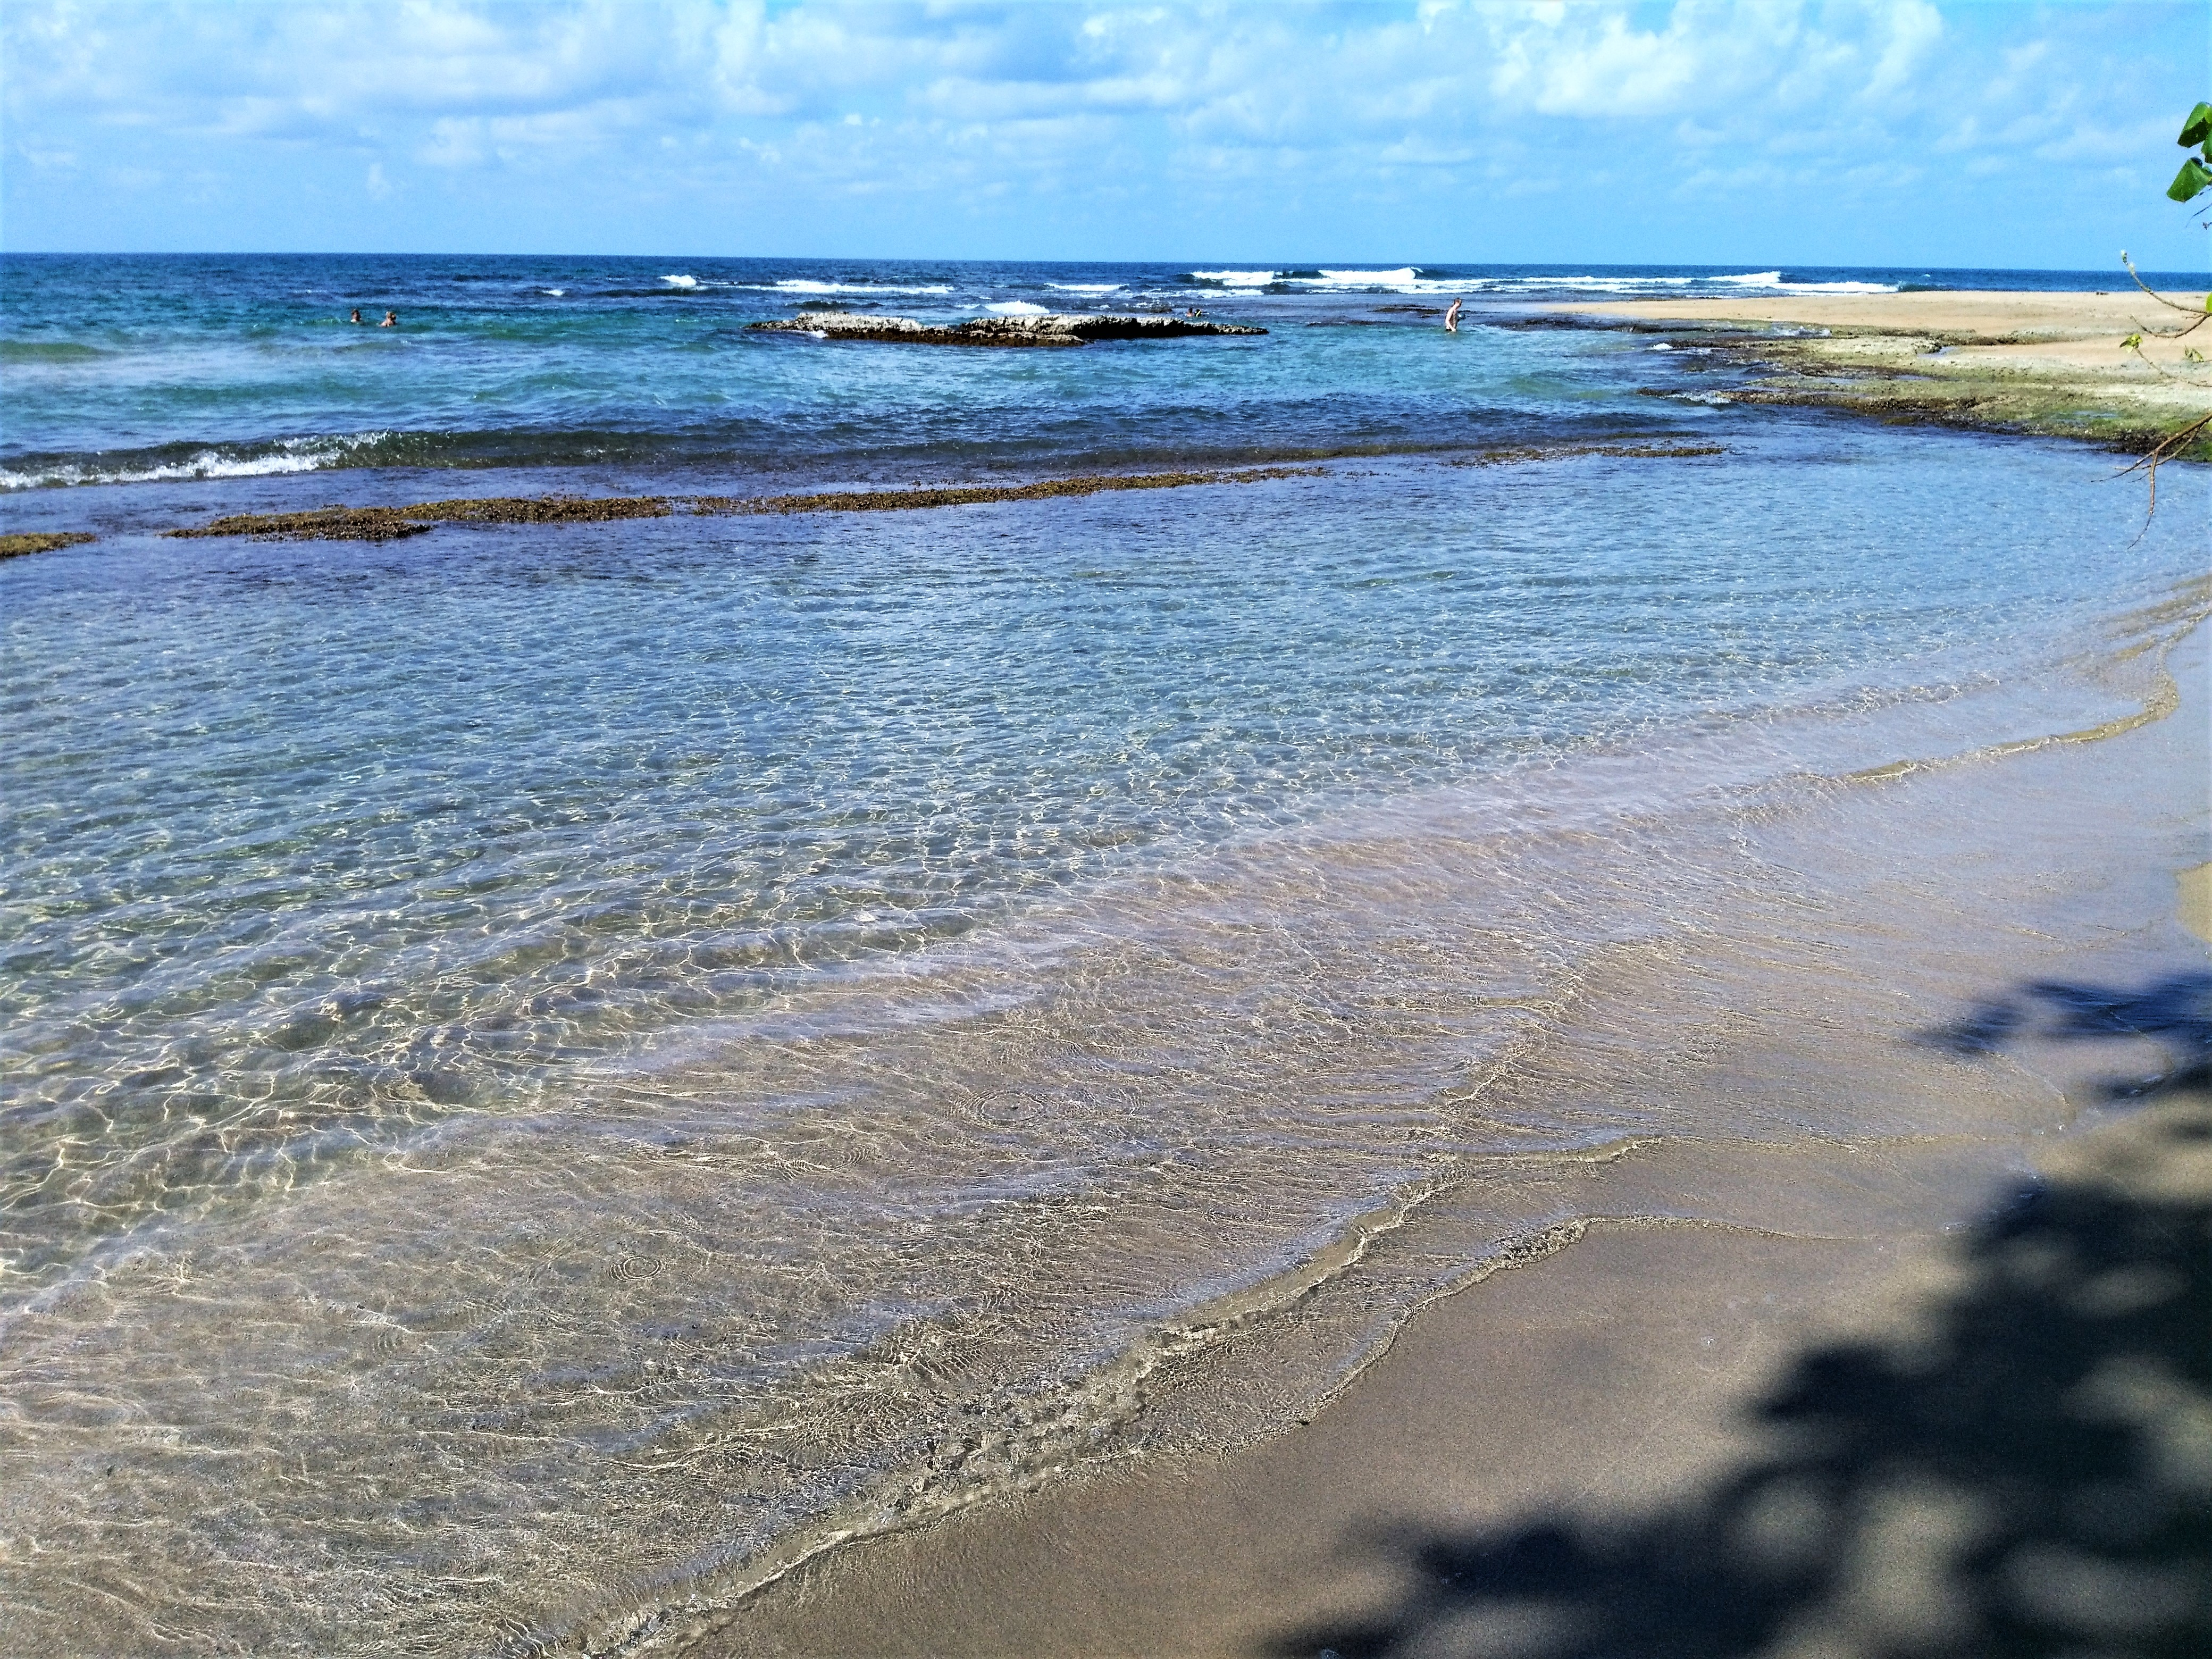 Playa Chaquita